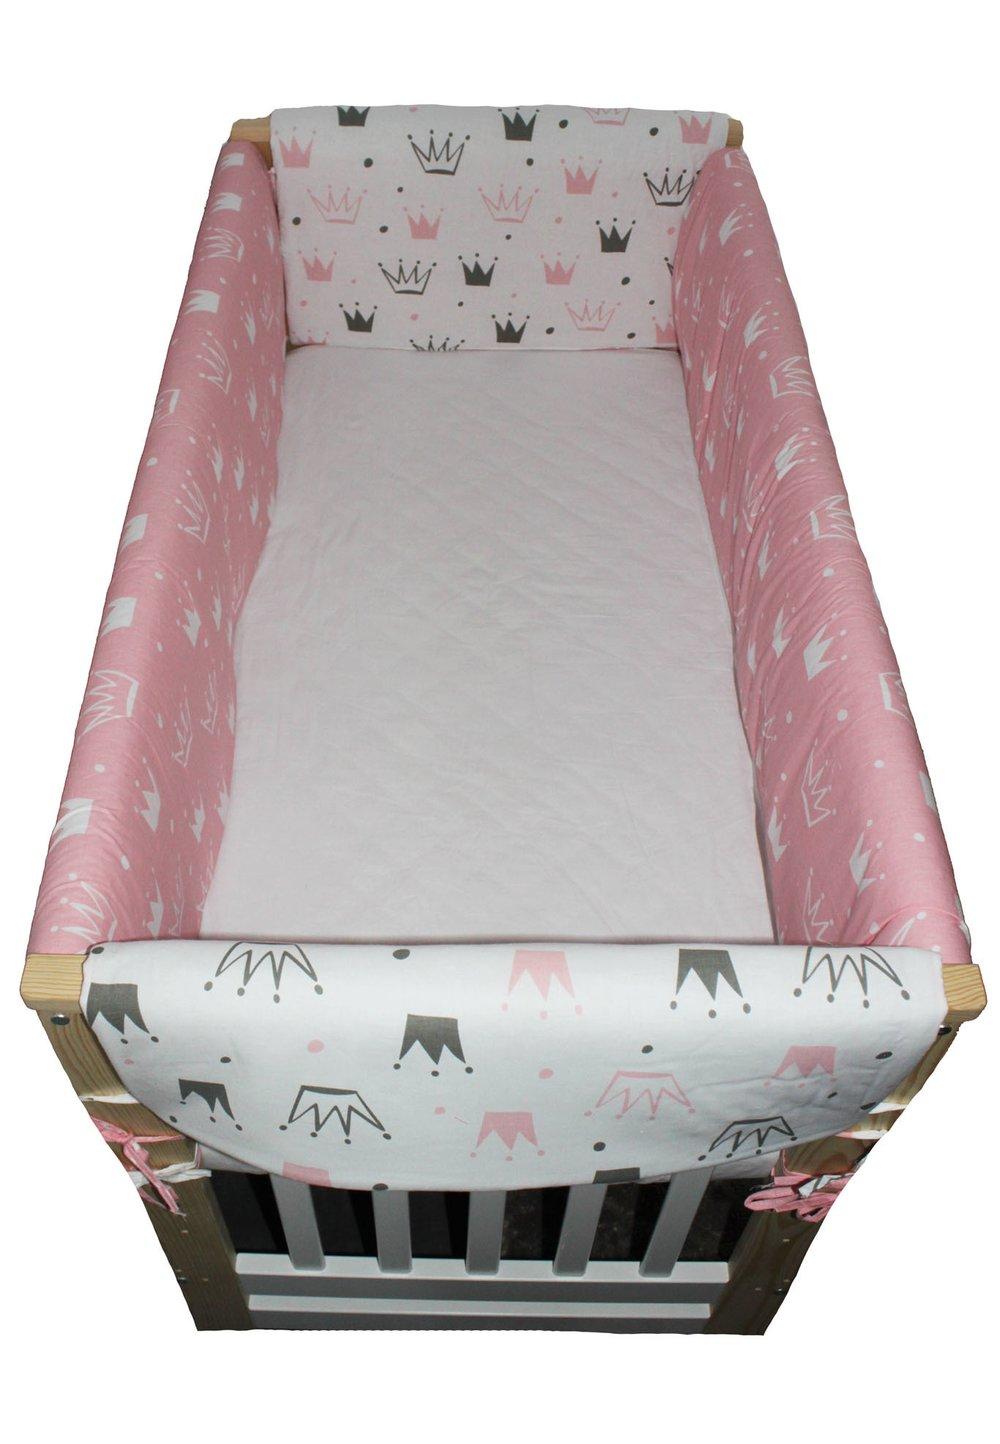 Set aparatori patut, Maxi, doua fete, coronite roz,120x60cm imagine